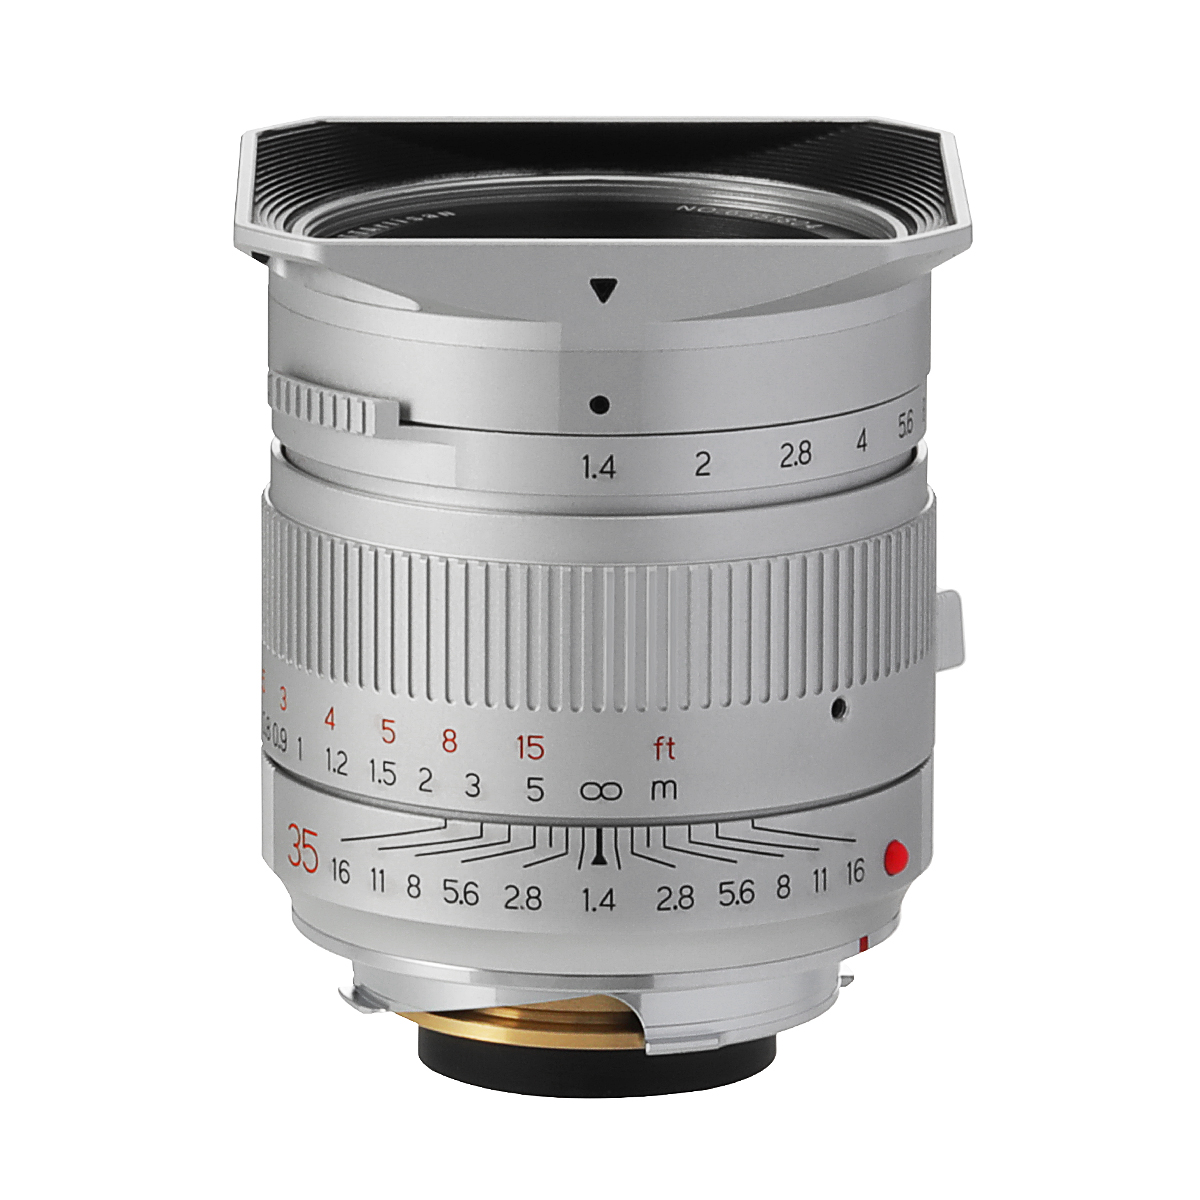 銘匠光学 TTArtisan 35mm f/1.4 ASPH 単焦点レンズ ライカMマウント シルバー